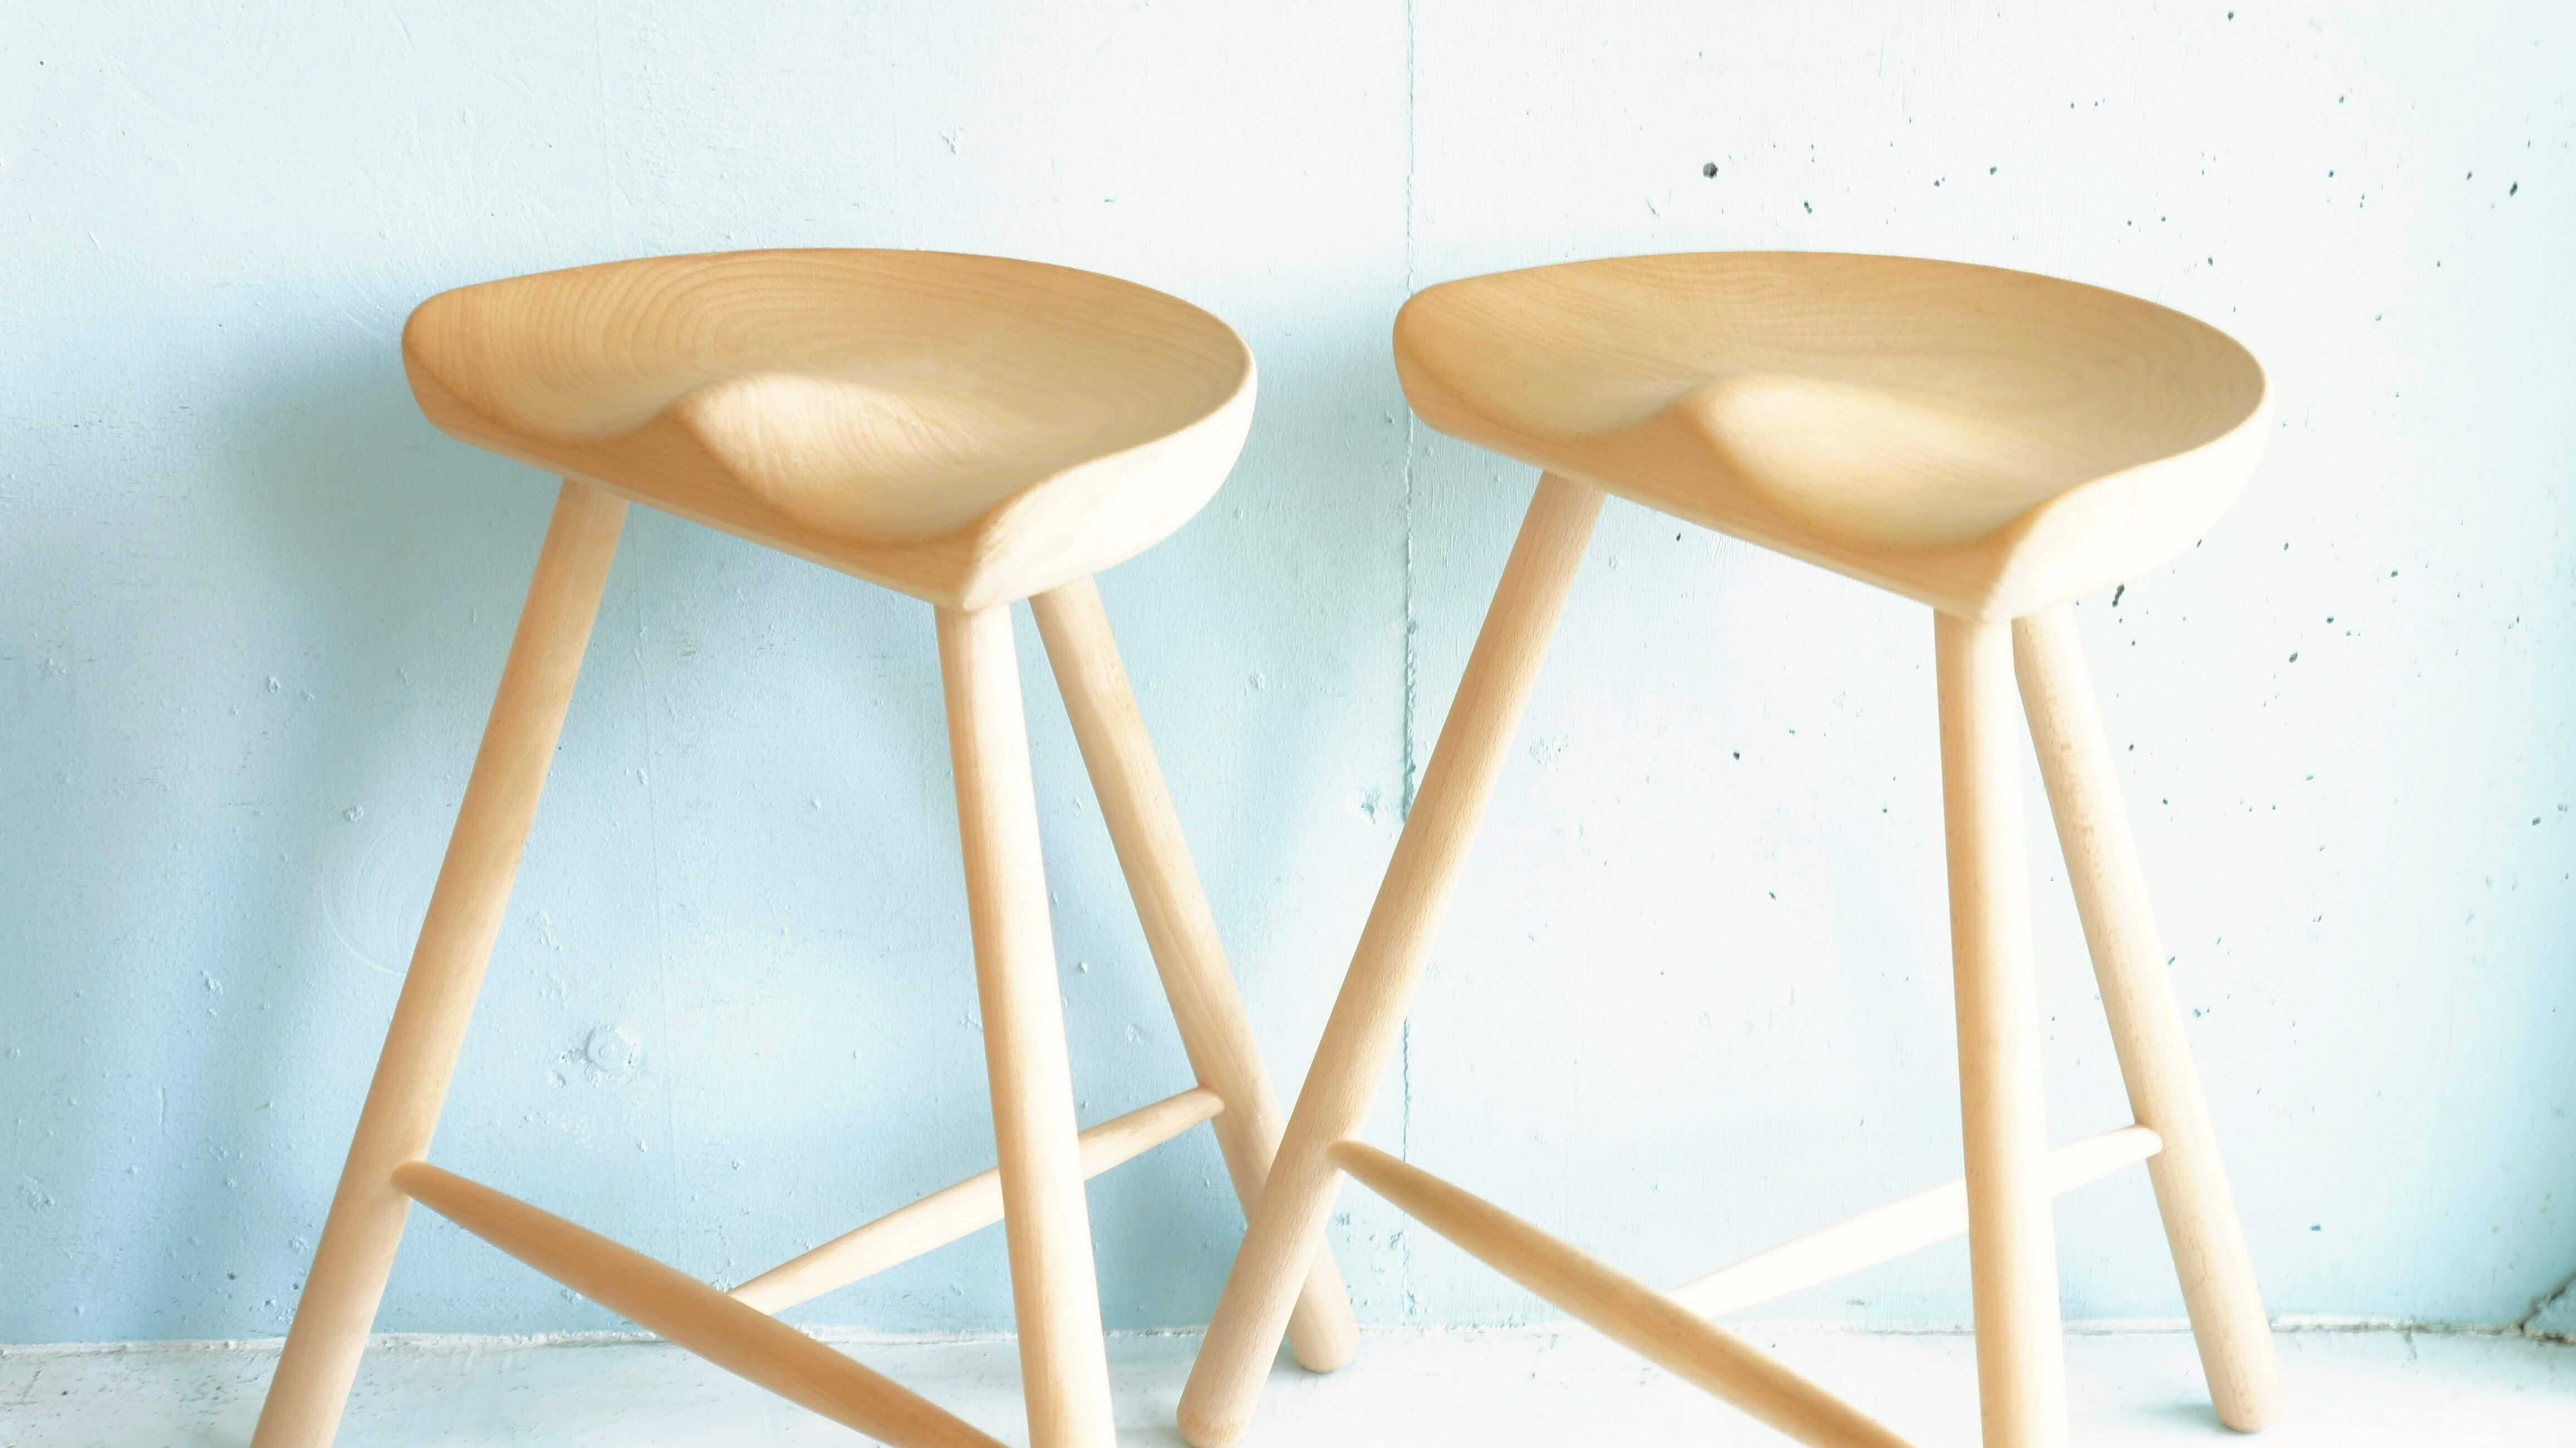 シューメーカーチェアは、15世紀のデンマークの農民たちが牛の乳搾りの時に使っていた3本脚のスツールがはじまりと言われています。当時のデンマークは石畳の凸凹した床が多く、4本脚よりも3本脚の方が安定して座れたことから、3本脚のスツールや椅子が重宝されました。その後、デンマークでは木靴の生産が盛んになり、靴職人が3本脚のスツールを使っていたところ、摩擦で座面がおしりの形に自然と削れ、さらに座り心地を良くするためにそれぞれのおしりの形にフィットするよう削っていくようになり、現在の形に近づきました。それがこのいすが「シューメーカーチェア」と言われる所以です。それにインスピレーションを受け、現在のワーナー社のオーナー、ラース・ワーナーの父親が1970年代初めにシューメーカーチェアの製作を始めました。座面を大まかに機械で削り出したあと、職人がひとつひとつ手作業で仕上げています。材質は無垢のブナ材。デンマークのブナ材は材木として切り倒すことができるように成長するまで、80~120年かかると言われており、これは材木がとても硬質であることを意味しています。さらに、3本脚の間にT字に貫(ぬき)が入ることにより頑丈な作りになっており、また、使用するときの足置きにもなります。ワーナーのシューメーカーチェアにはいくつかサイズがありますが、こちらは高さ59cmのモデル。カウンターに合わせると丁度良いサイズです。デンマークの伝統が息づく、シンプルで洗練されたデザイン性と機能性に優れたいす。使うほどに体に馴染んでいき、一生もののスツールになることでしょう。こだわりのスツールや椅子をお探しの方はぜひいかがでしょうか♪~【東京都杉並区阿佐ヶ谷北アンティークショップ 古一/ZACK高円寺店】 古一/ふるいちでは出張無料買取も行っております。杉並区周辺はもちろん、世田谷区・目黒区・武蔵野市・新宿区等の東京近郊のお見積もりも!ビンテージ家具・インテリア雑貨・ランプ・USED品・ リサイクルなら古一/フルイチへ~